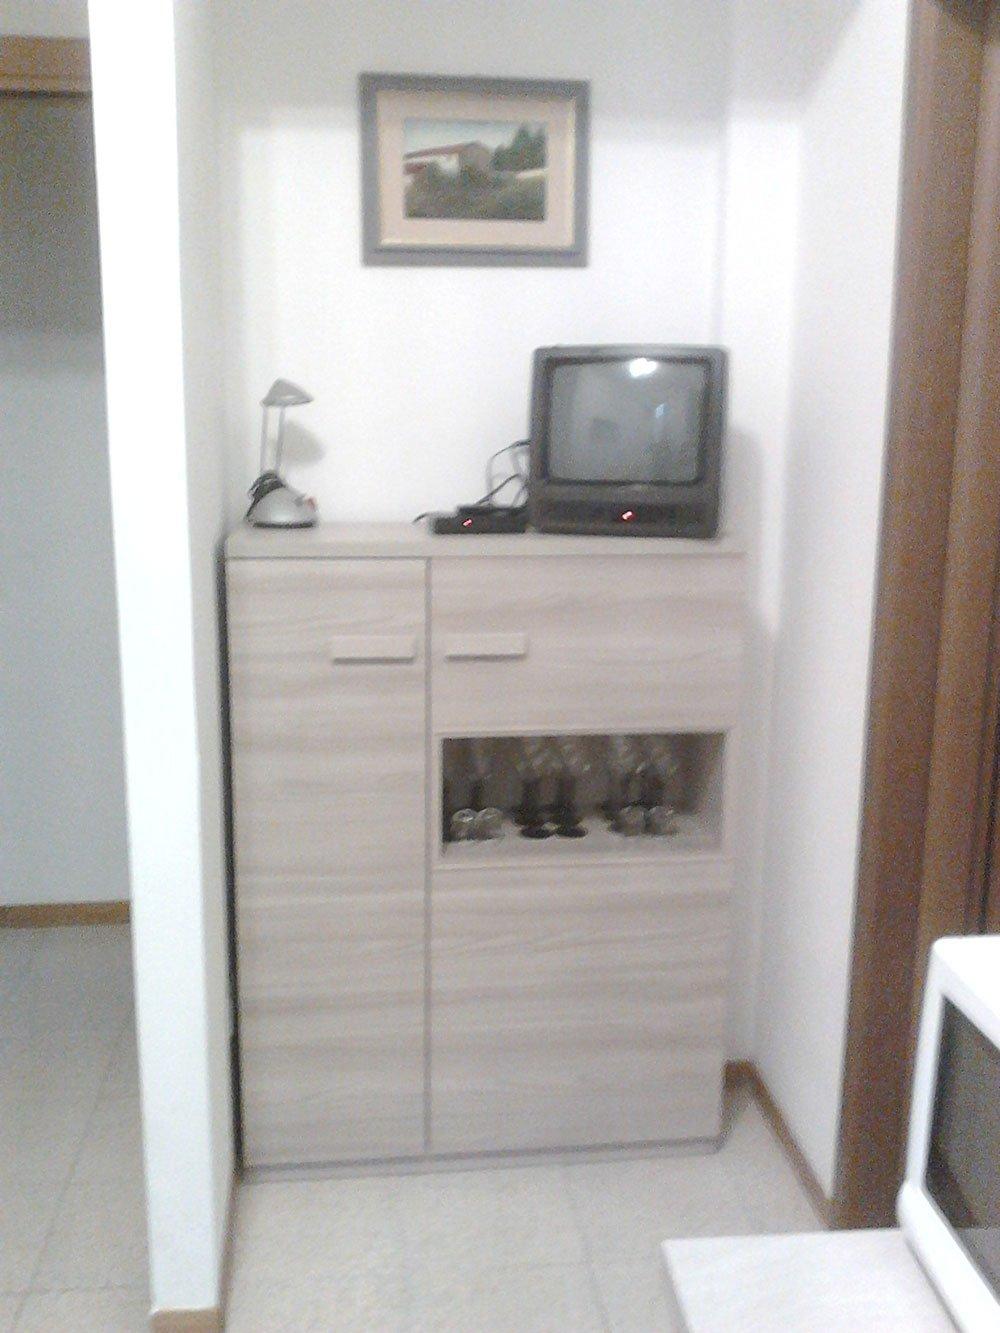 un mobile beige con sopra una lampada e una tv